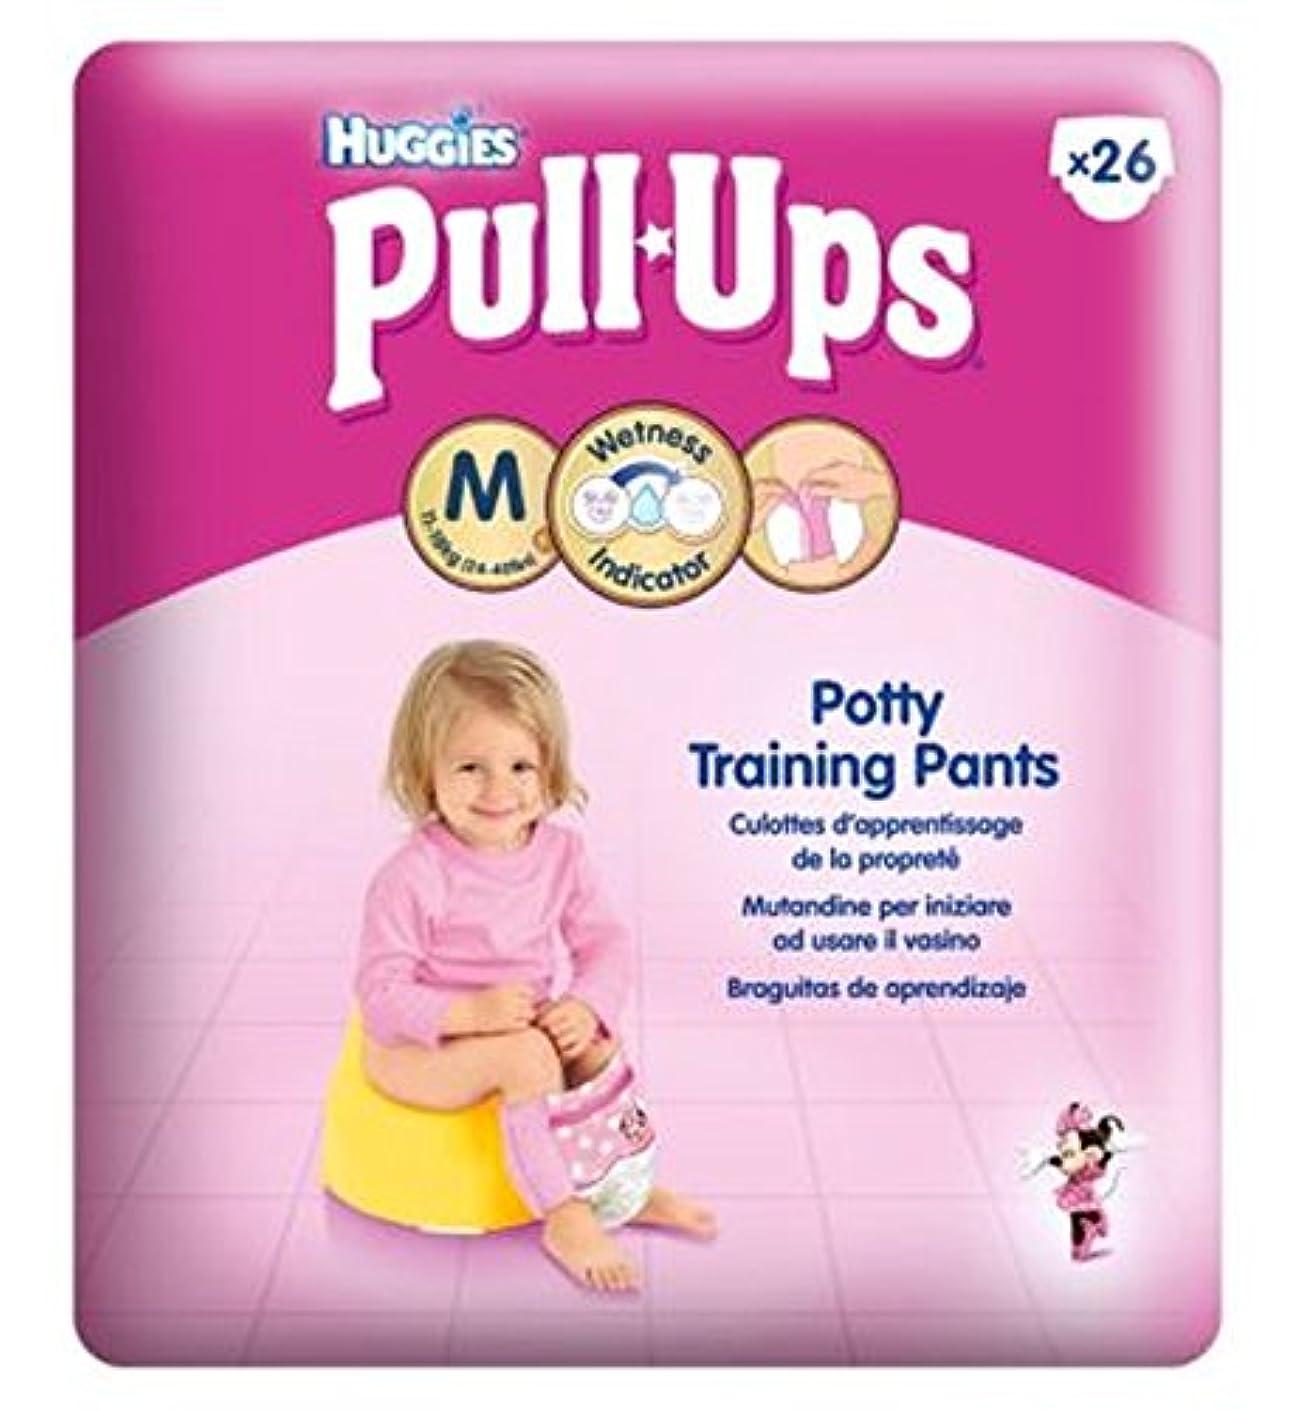 浸透する意外破壊的なHuggies? Pull-Ups? Girls Economy Pack Size 5 Potty Training Pants 1 x 26Pack - Huggies?プルUps?女の子経済パックサイズ5トイレトレーニングパンツ1×26Pack (Huggies) [並行輸入品]